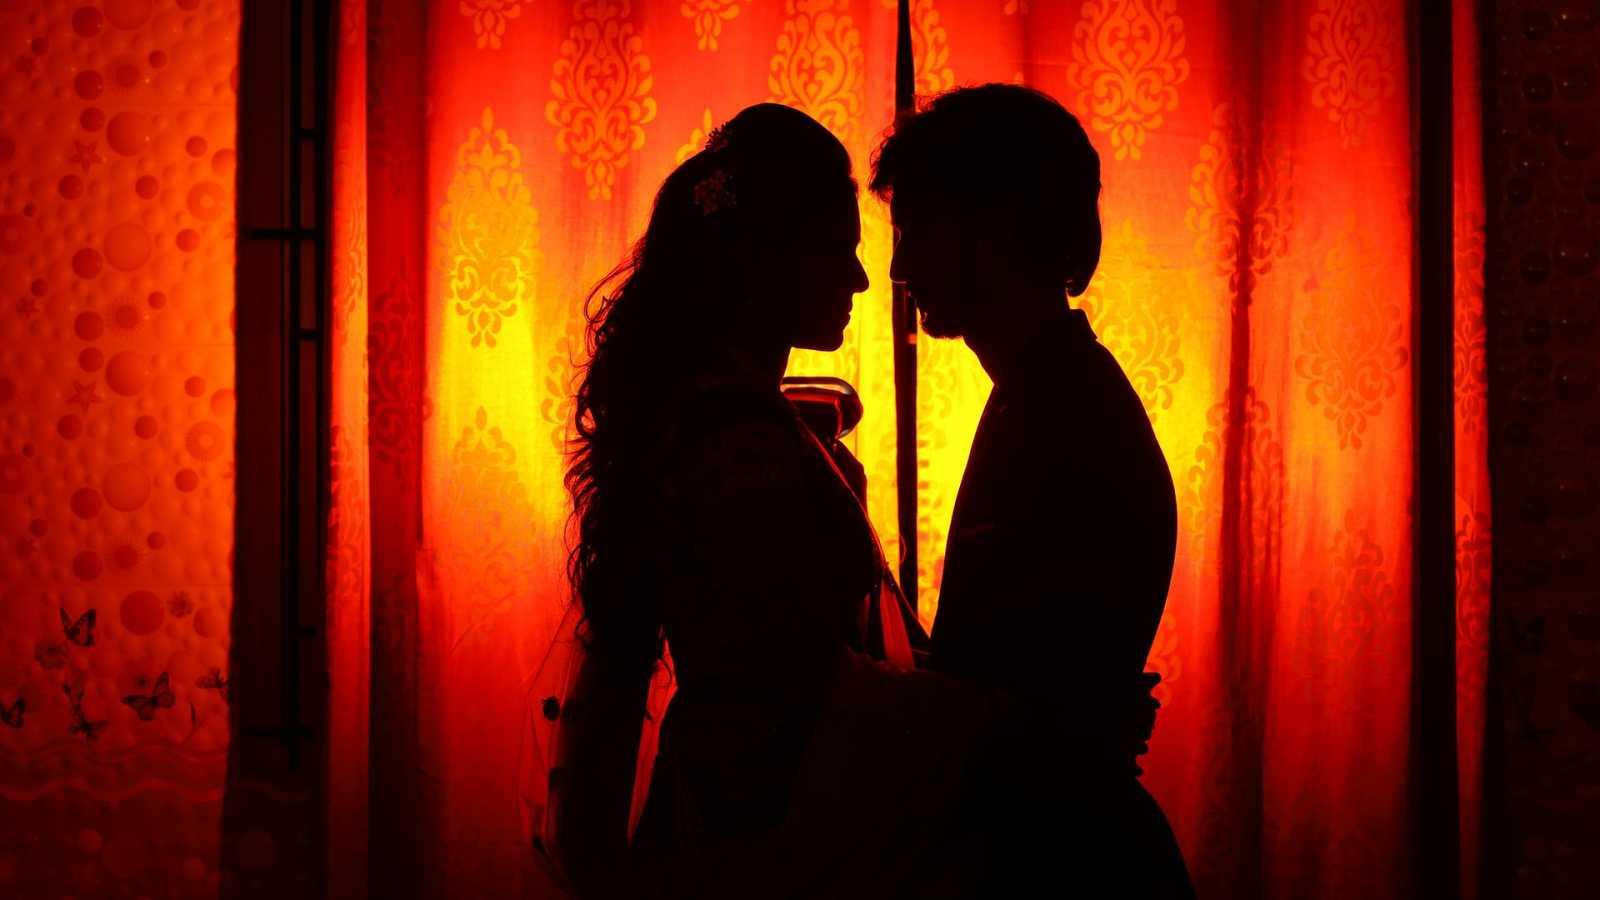 Cierra la puerta - Solo acabamos de empezar (El ROMANCE no se ha terminado) - 06/09/20 - escuchar ahora